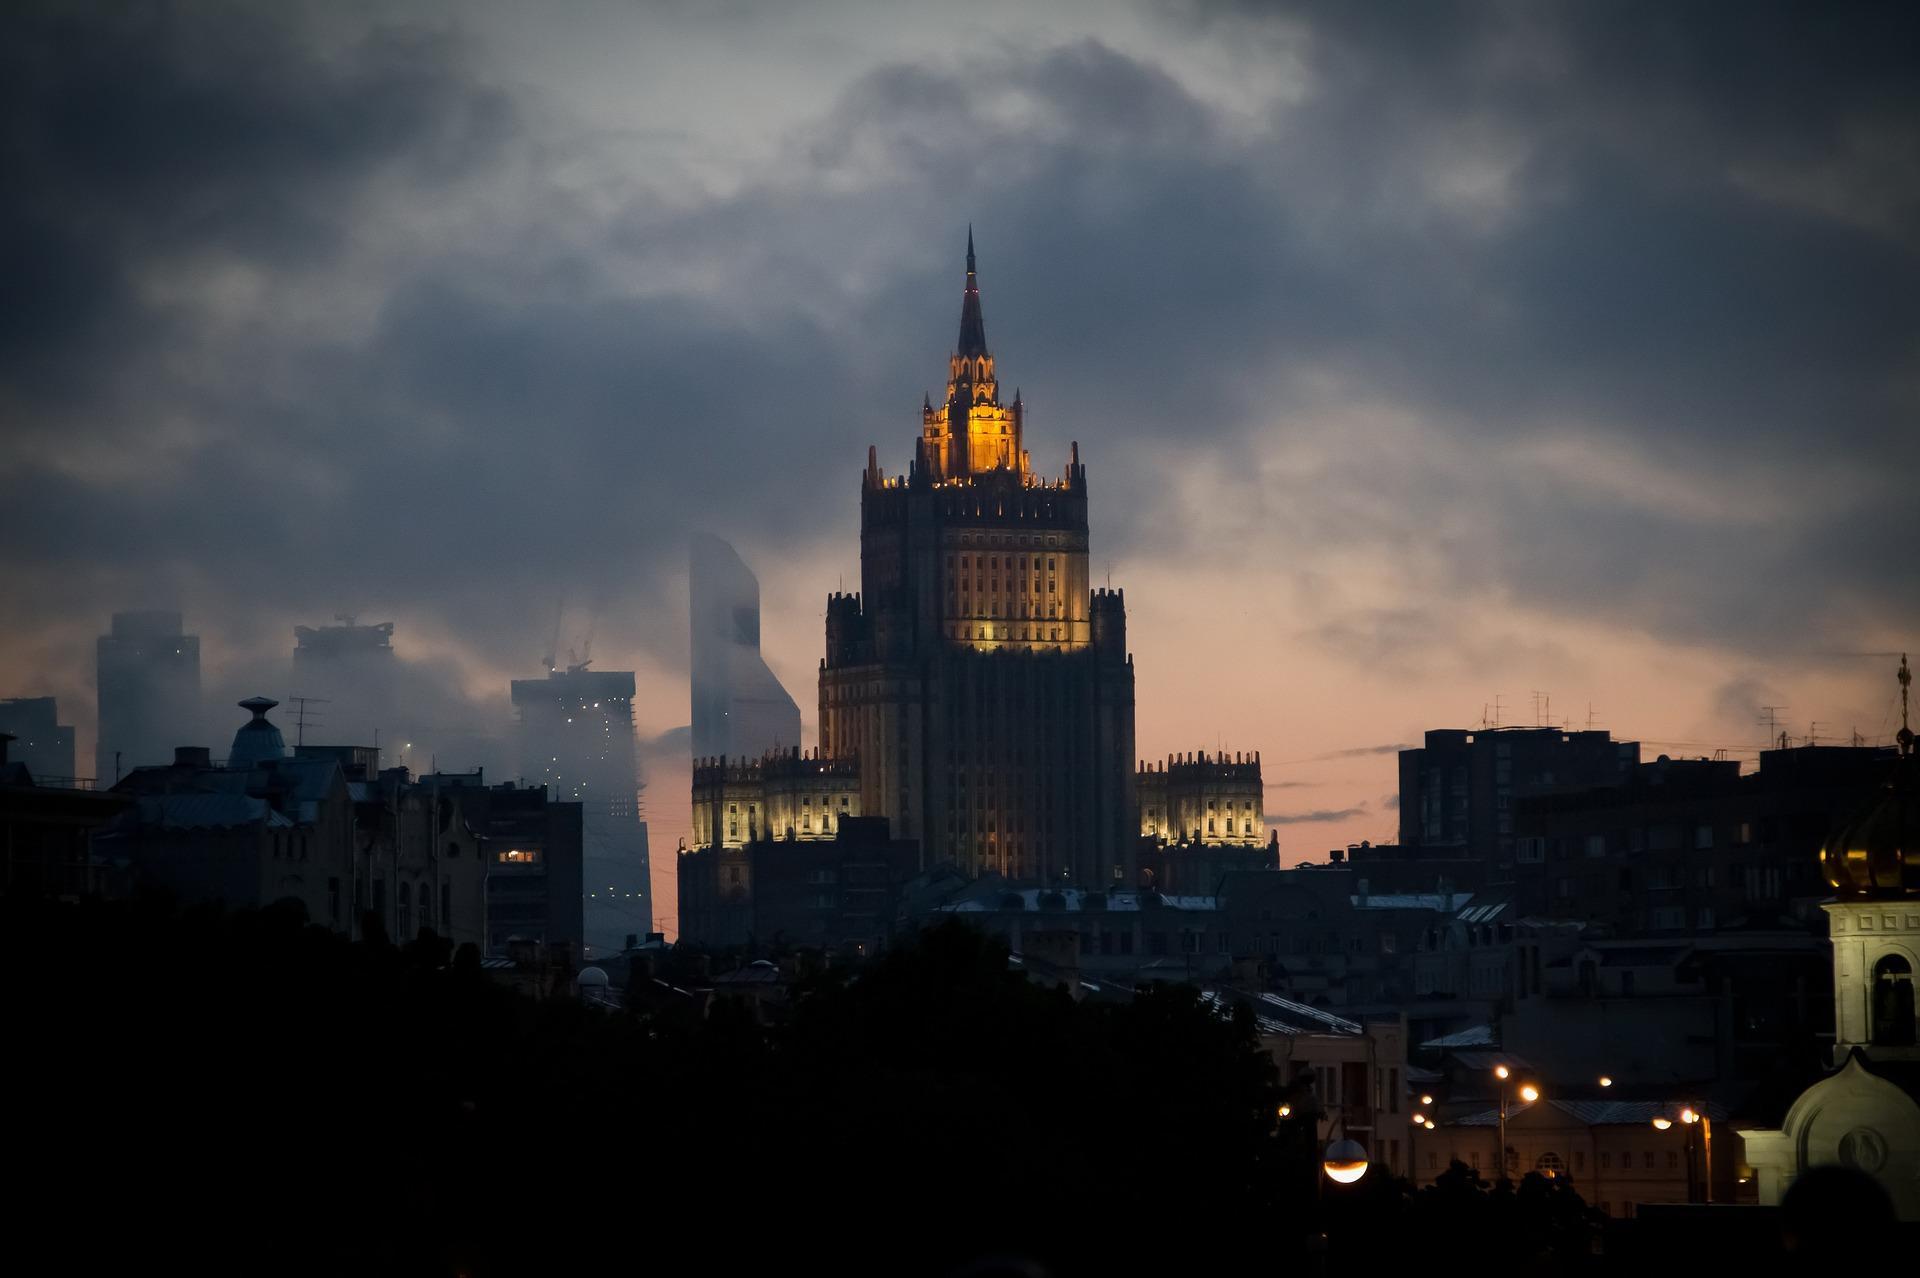 МИД России обвинил ОЗХО в предвзятости в ситуации с Навальным